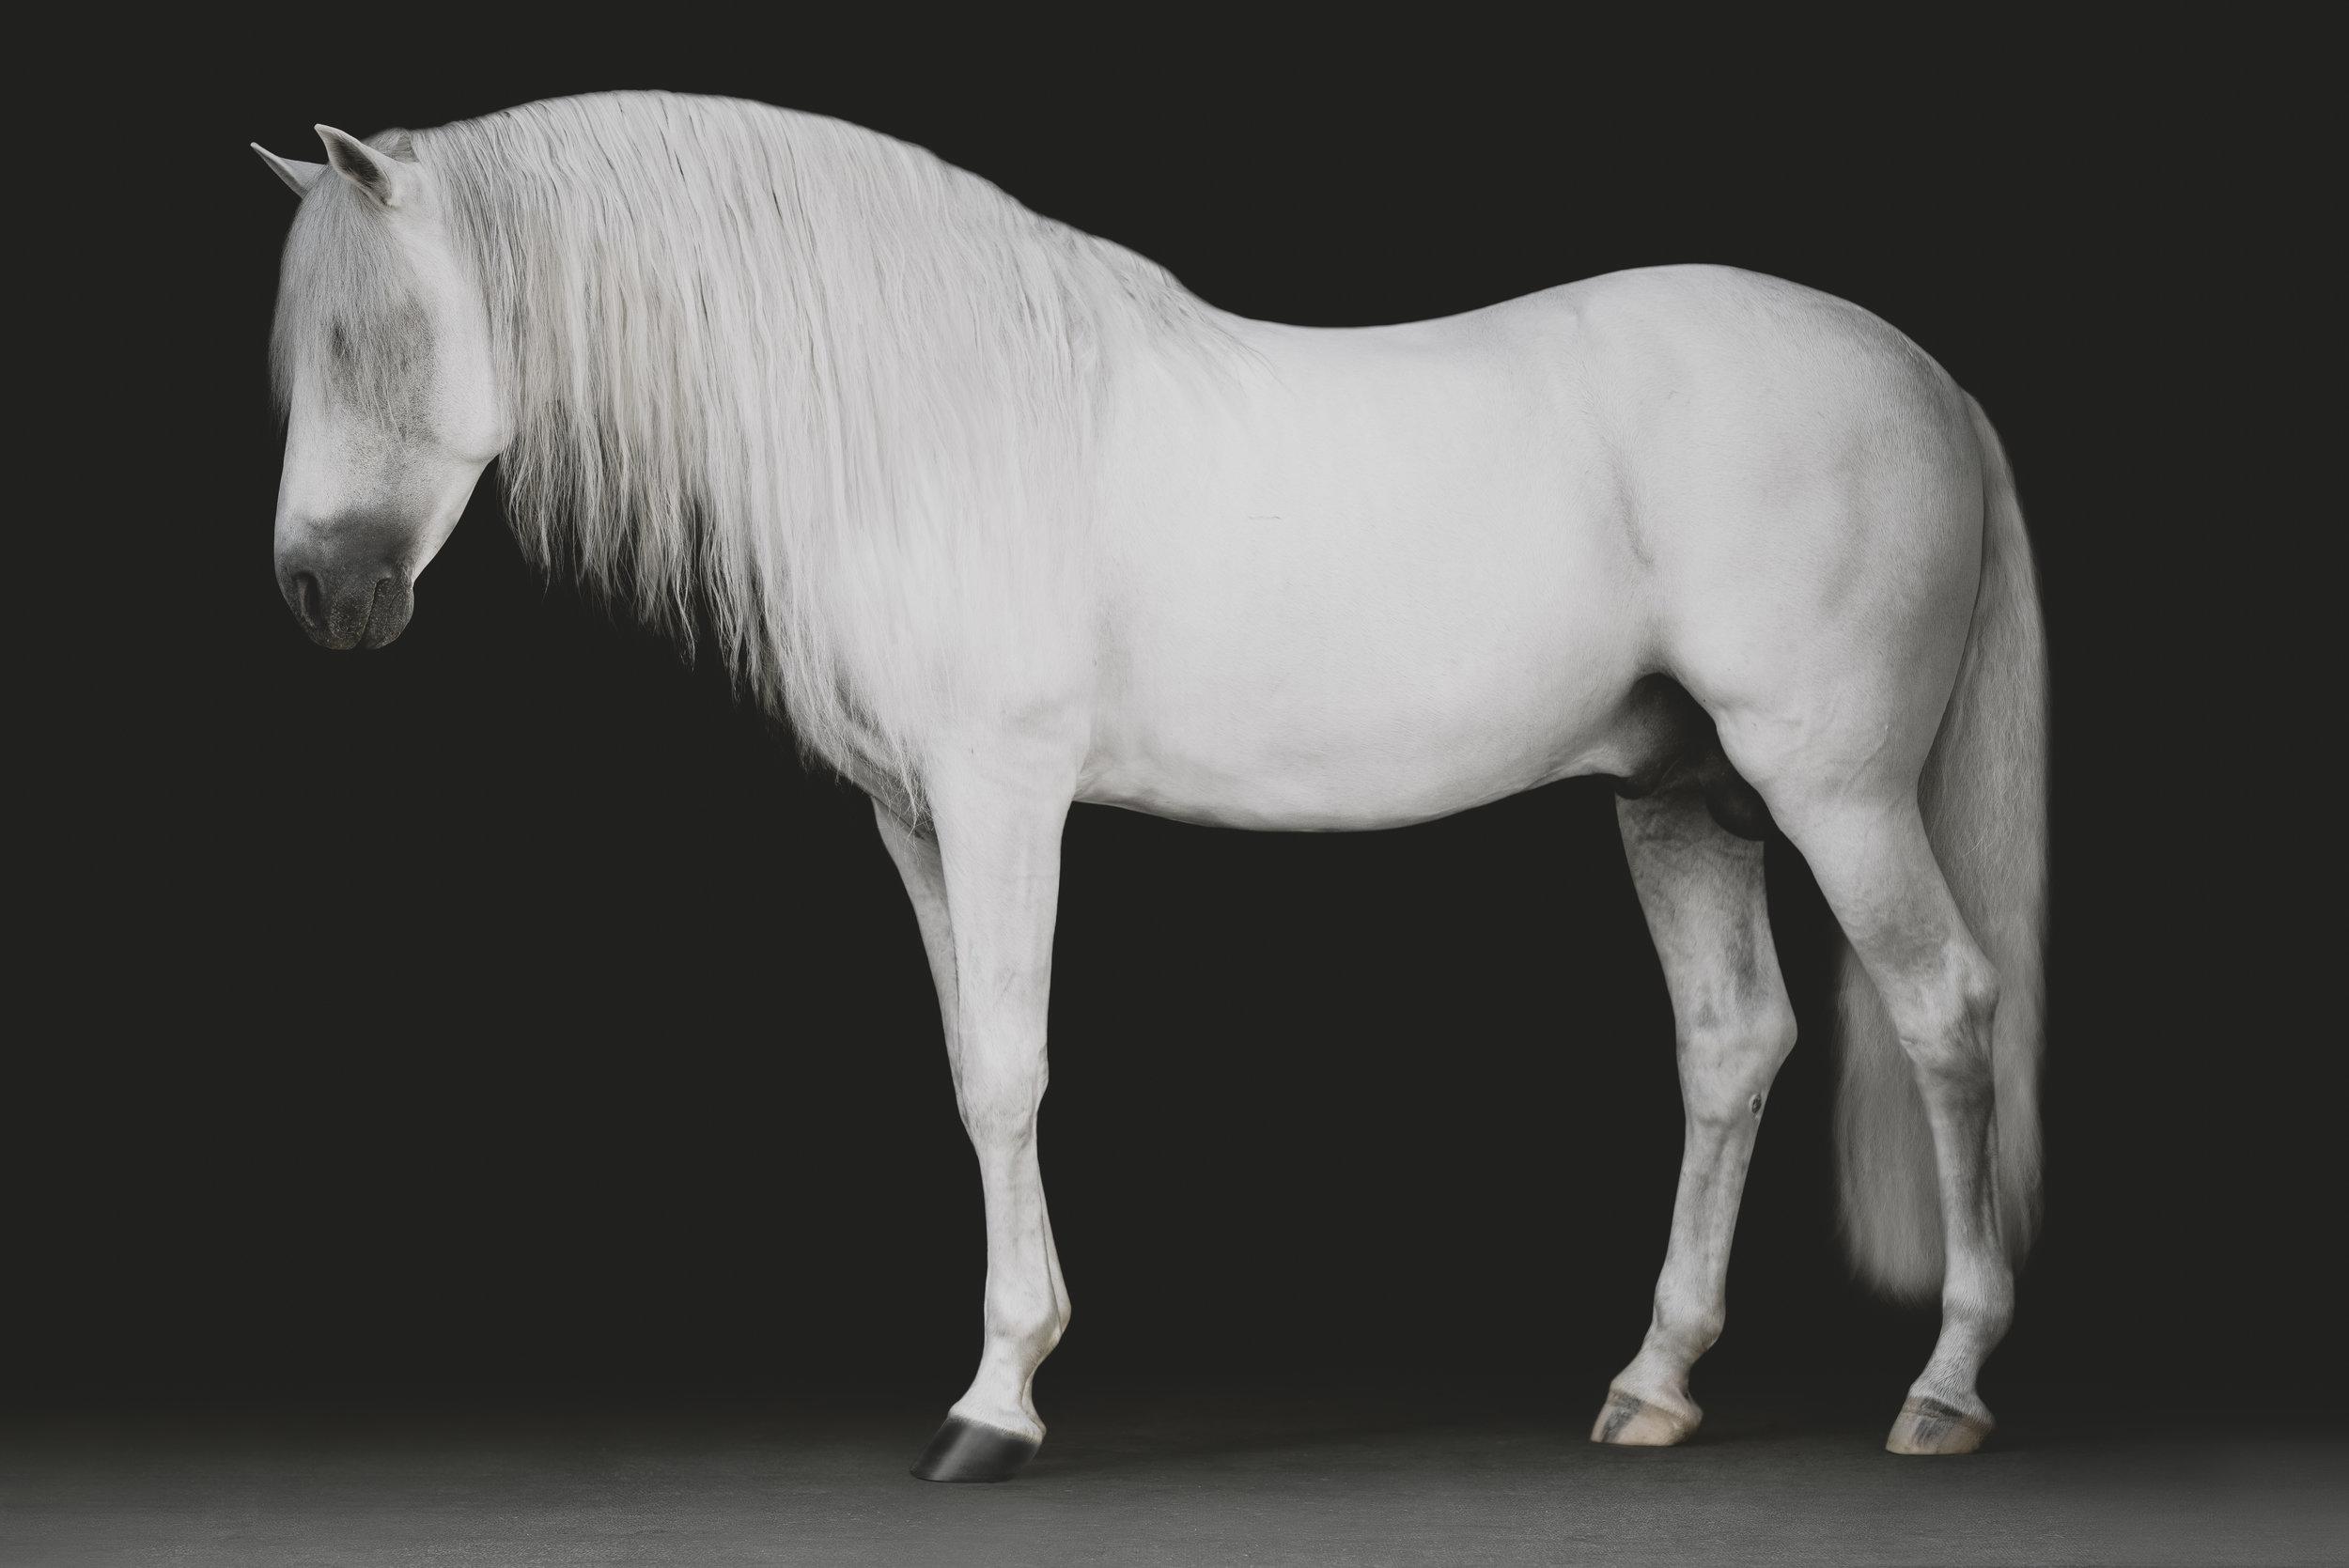 medevialtimes_horseportraits_edited-13.jpg